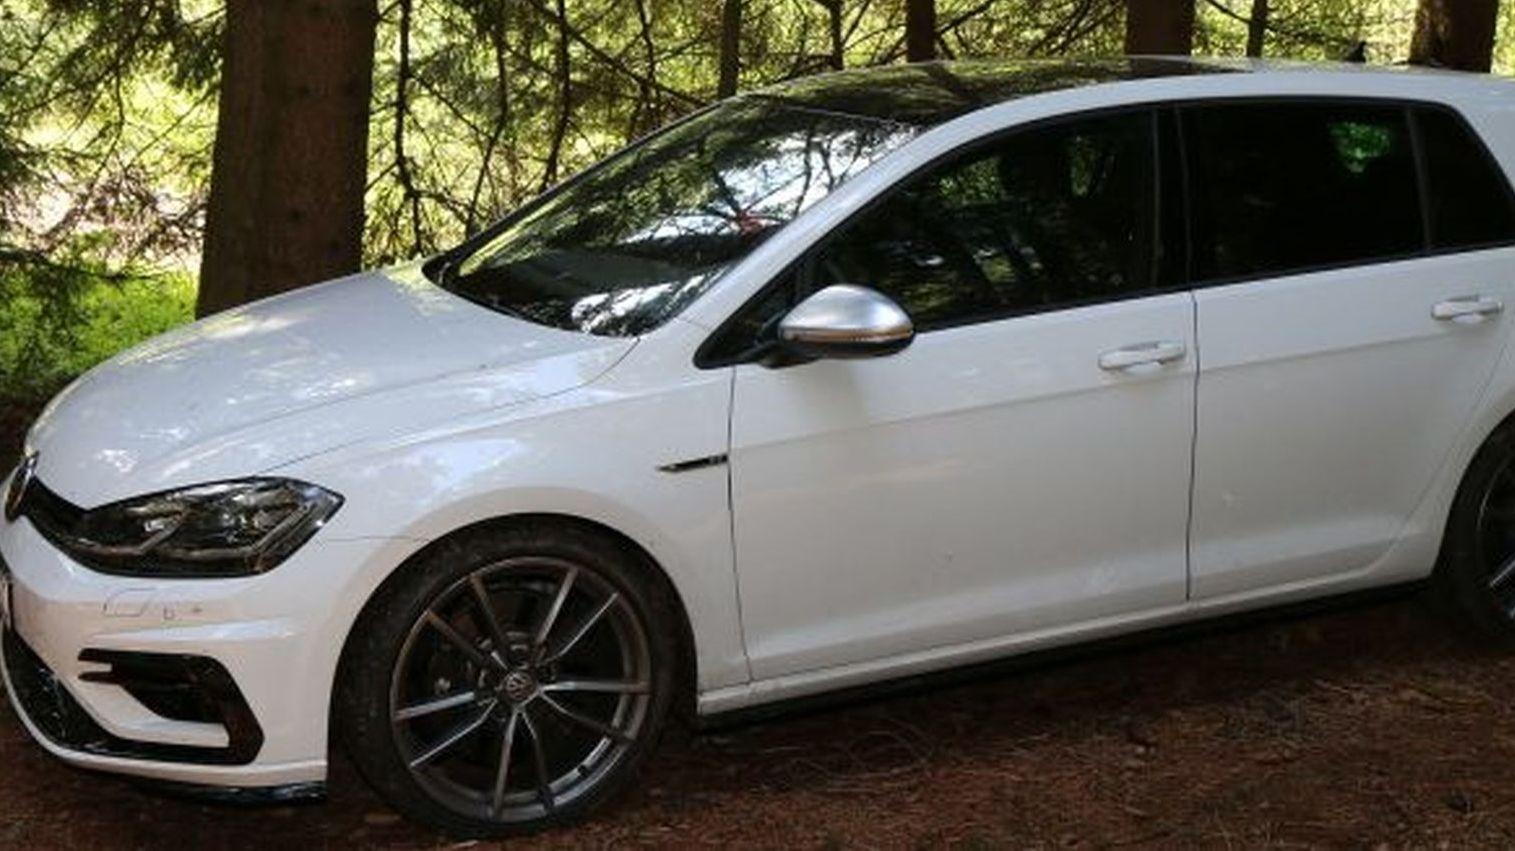 """Geldautomaten-Sprengung: Die Polizei sucht Zeugen, die diesen VW Golf mit dem Kennzeichen """"EU-CC 9000"""" vor dem 1. August gesehen haben."""